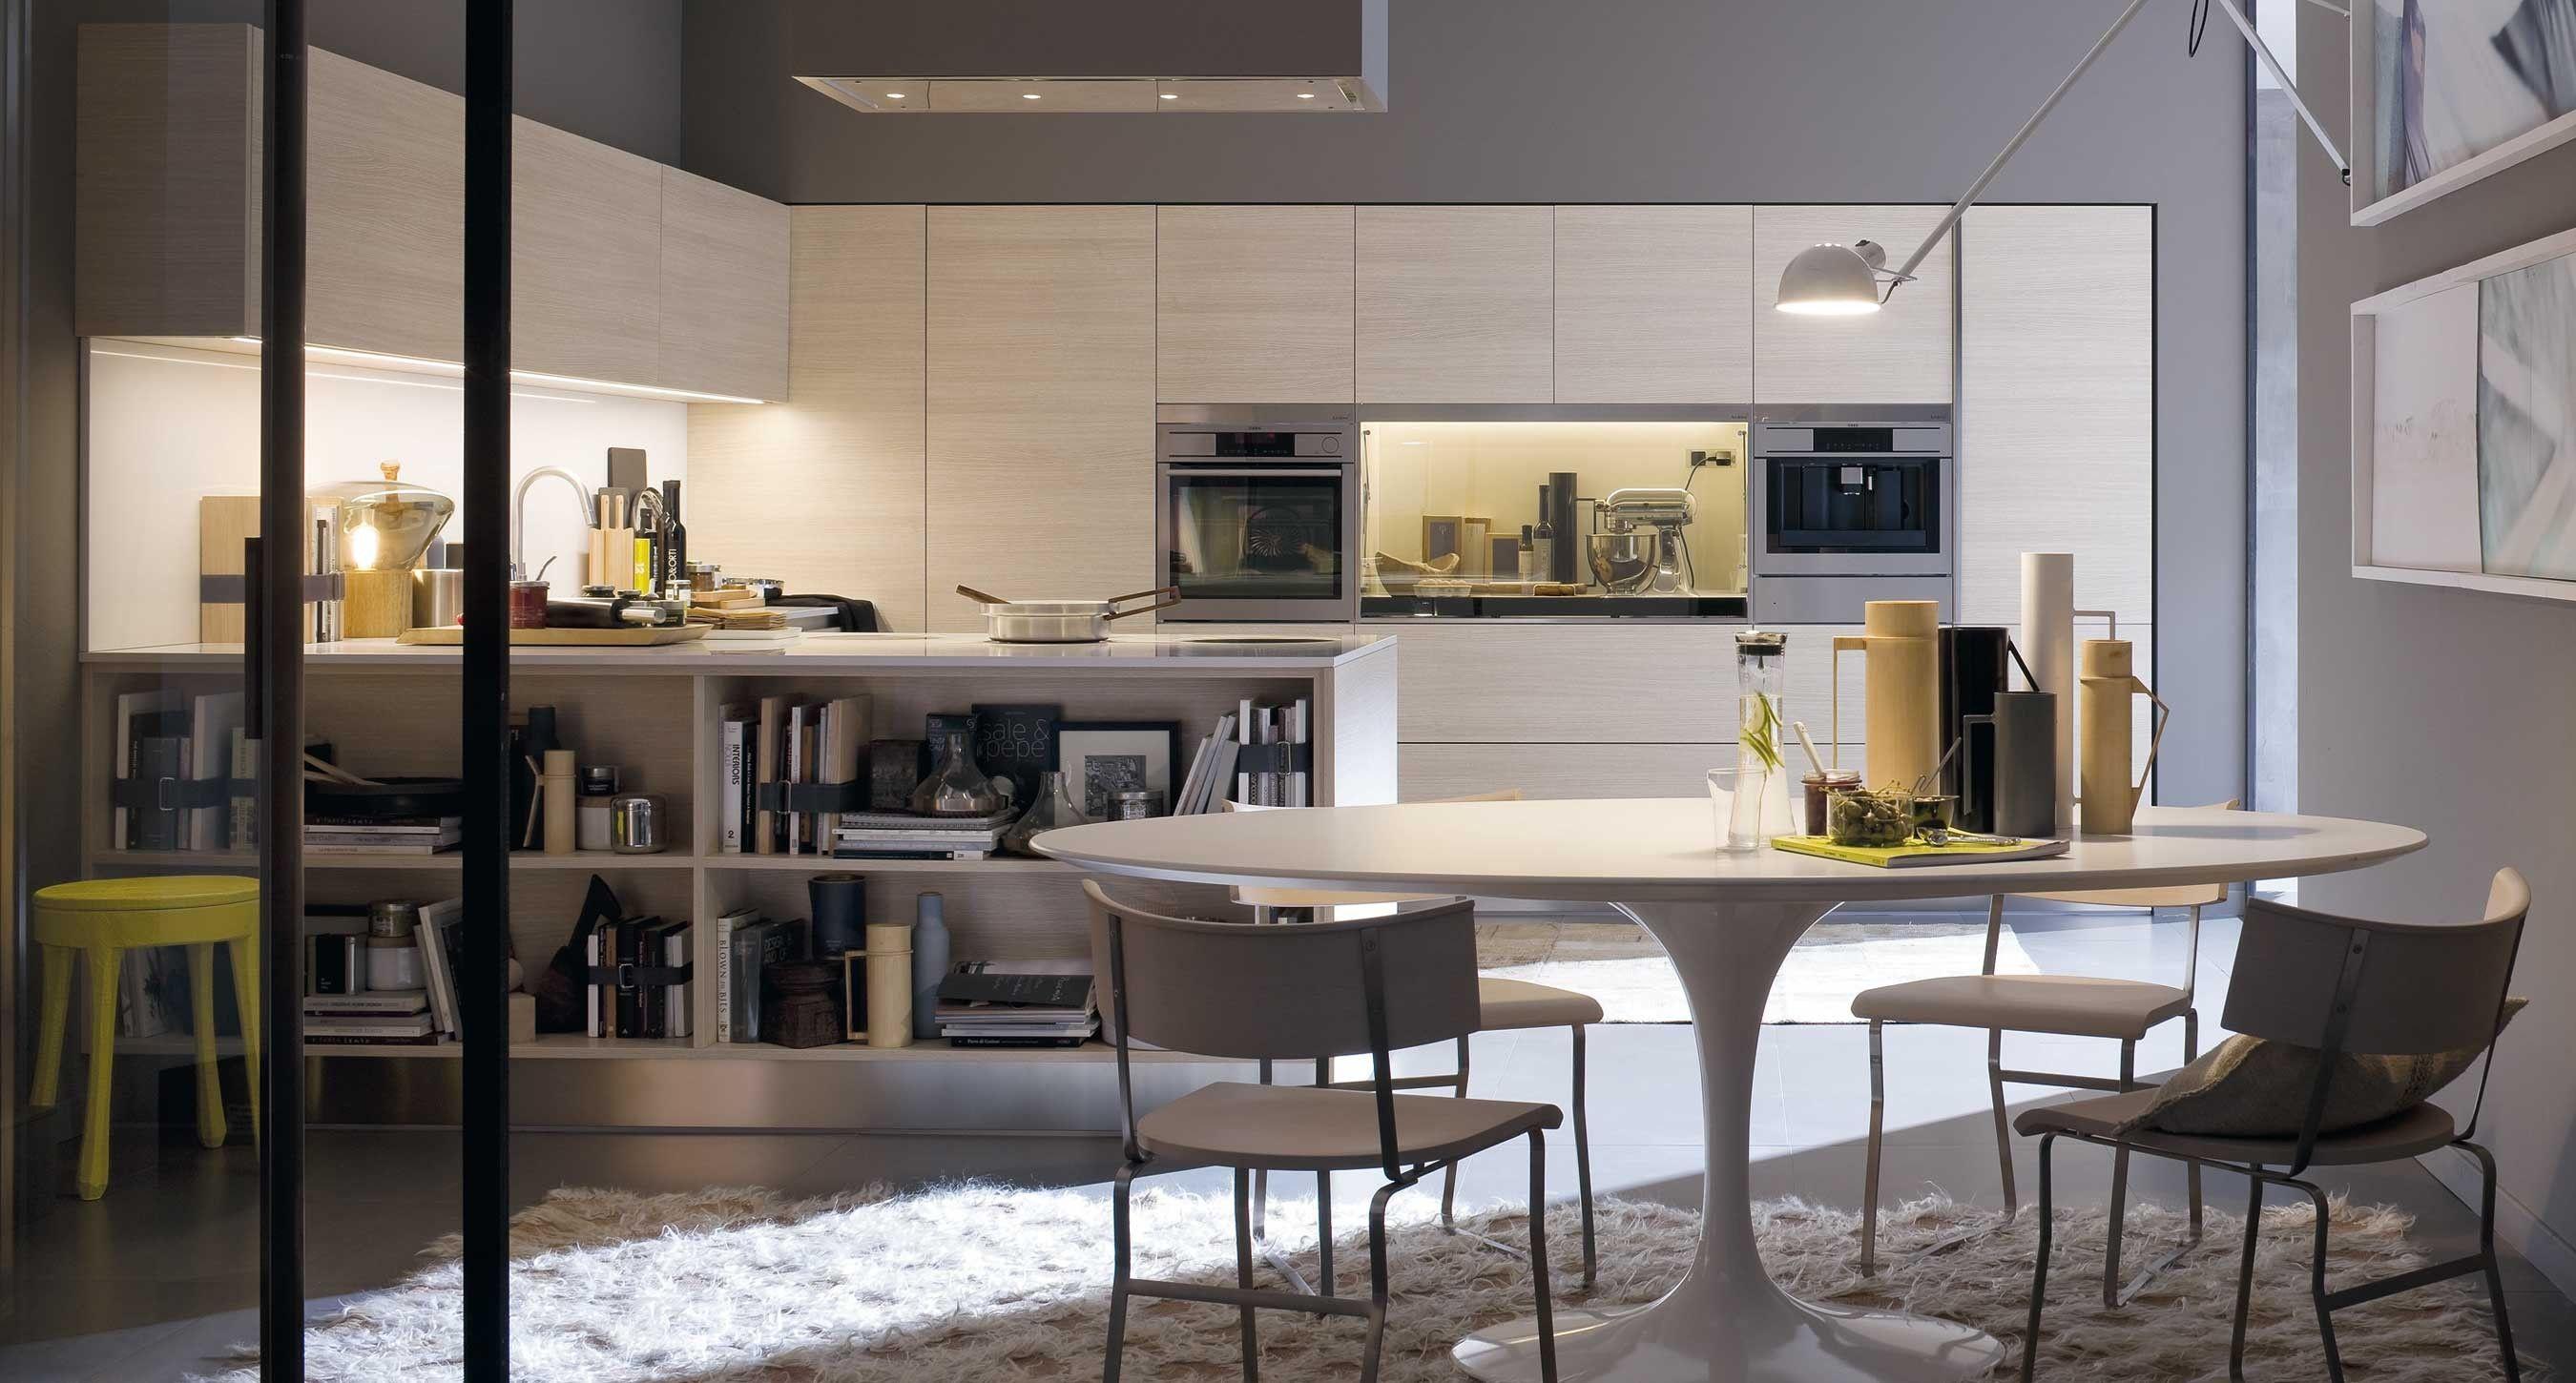 GAMMA, Prodotti - Arclinea | Kitchen, cucina | Cucine e Design